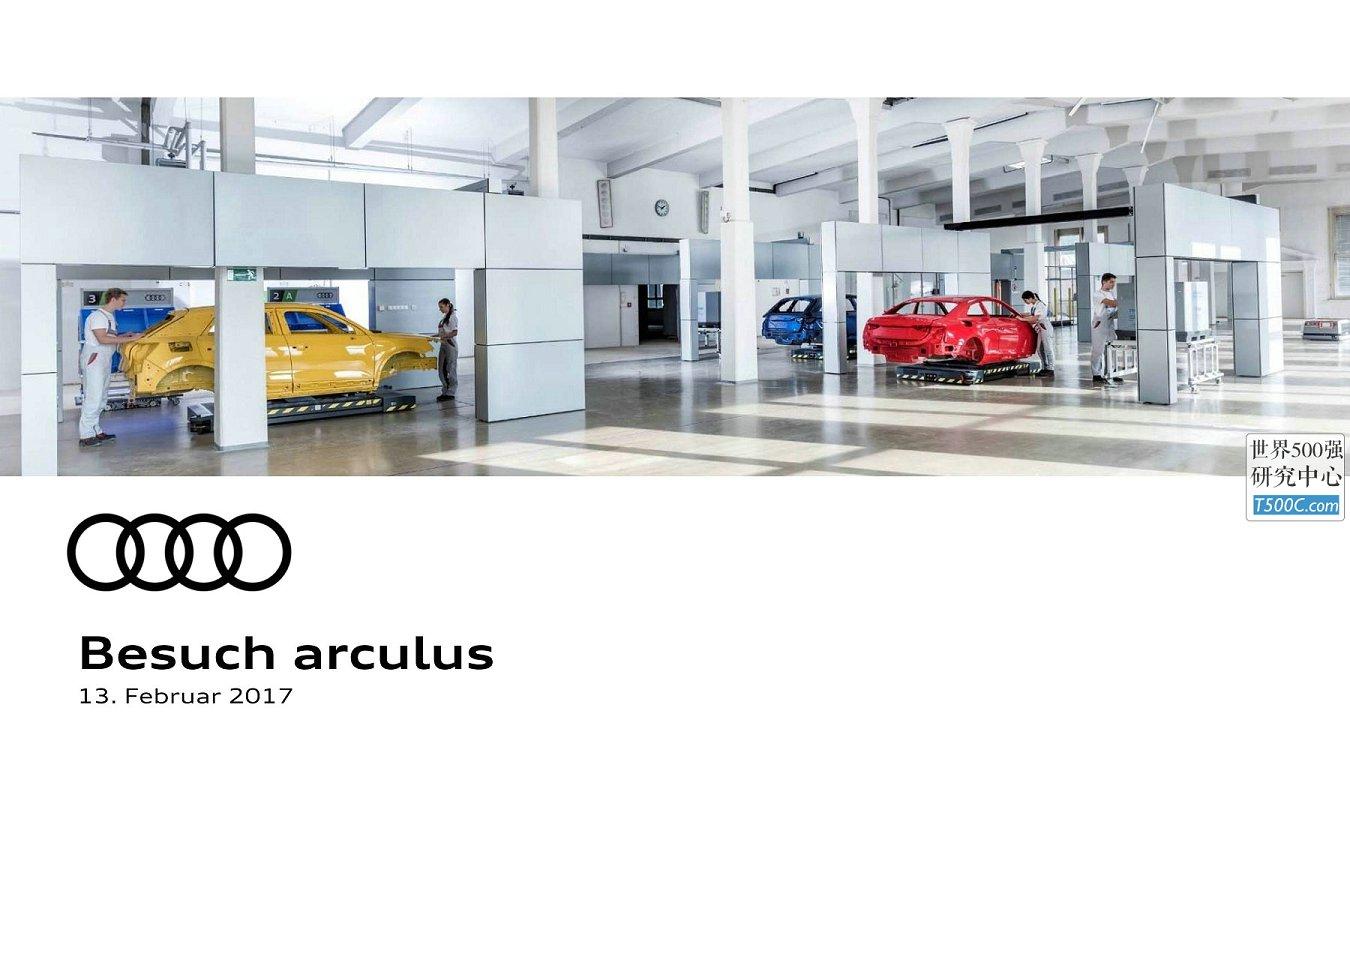 奥迪汽车Audi_PPT样式_2017_T500C.com_arculus.pdf